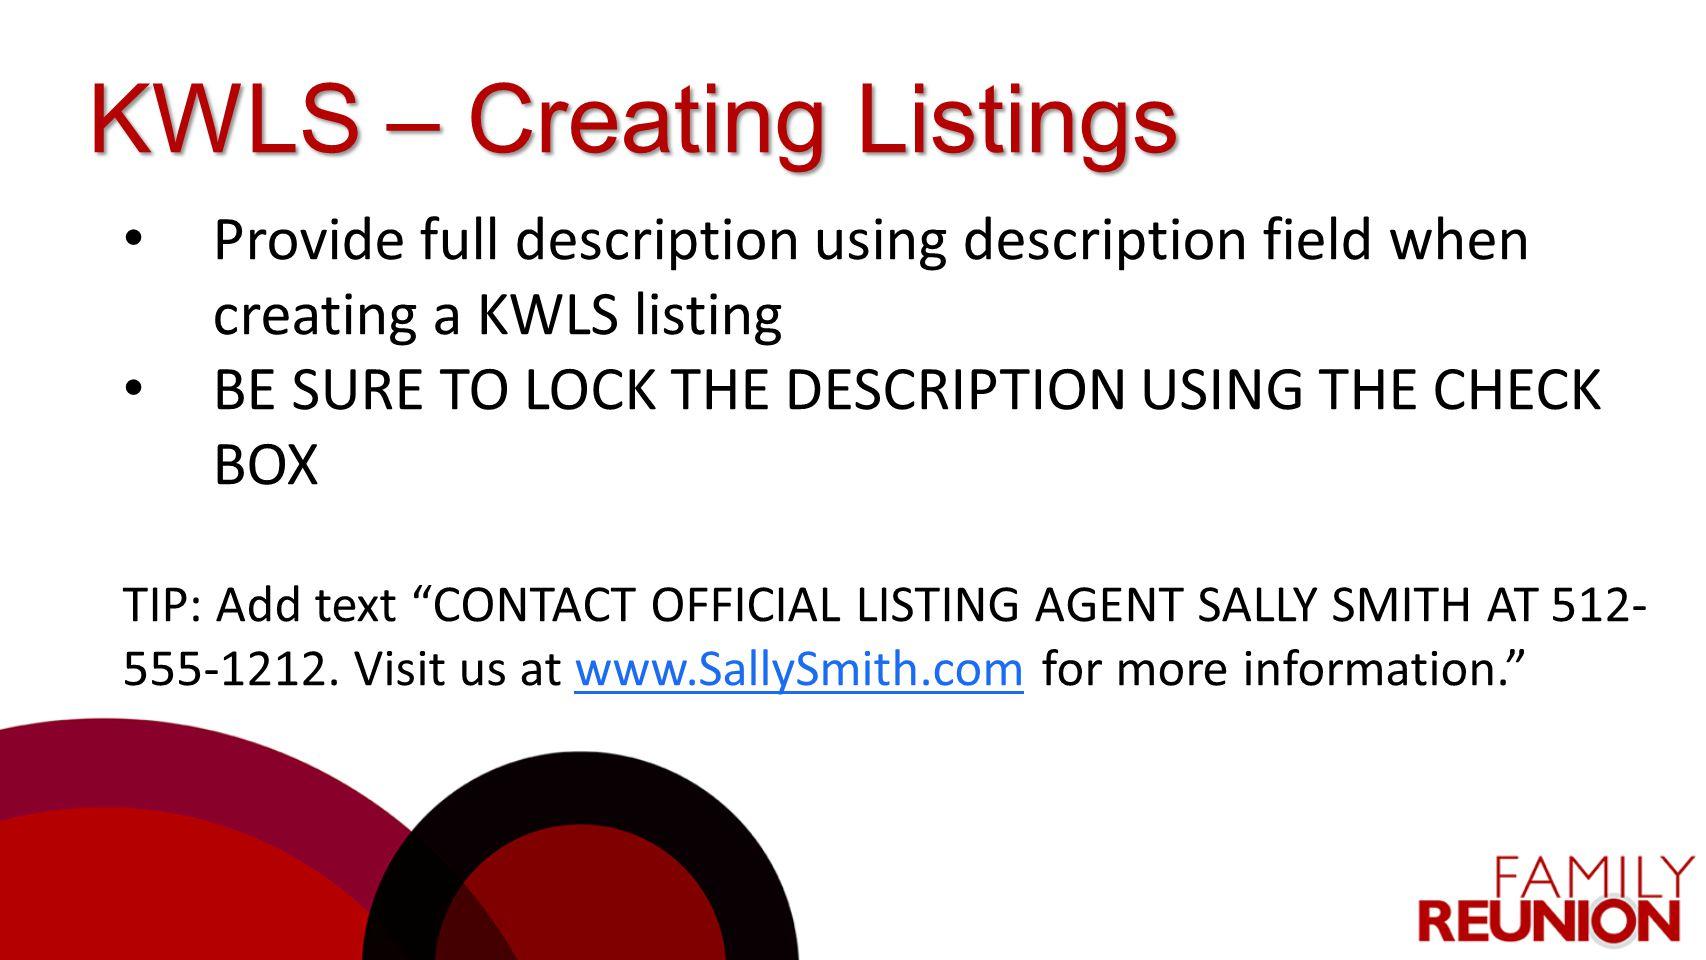 KWLS – Creating Listings Provide full description using description field when creating a KWLS listing BE SURE TO LOCK THE DESCRIPTION USING THE CHECK